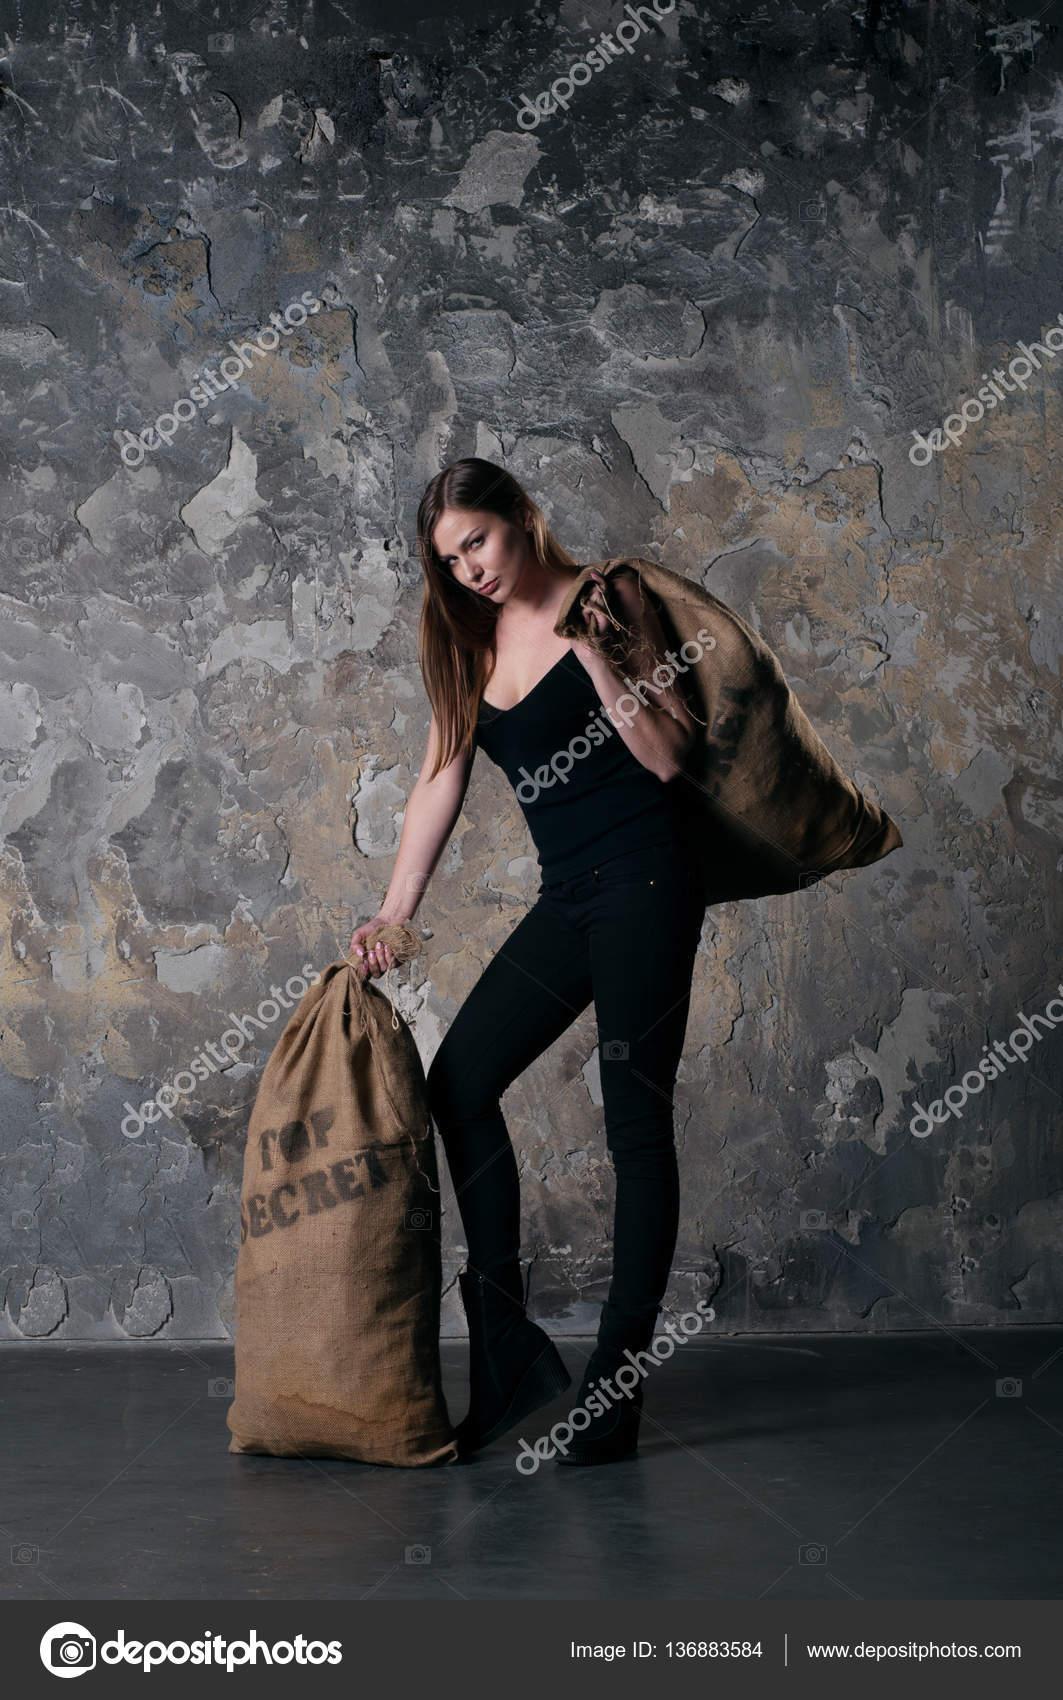 00f3cf7eb8c686 Schöne junge Frau (Mädchen) mit langen braunen Haaren in ein schwarzes  t-Shirt und schwarze Jeans halten einen Beutel mit der Aufschrift 'Streng  geheim' ...